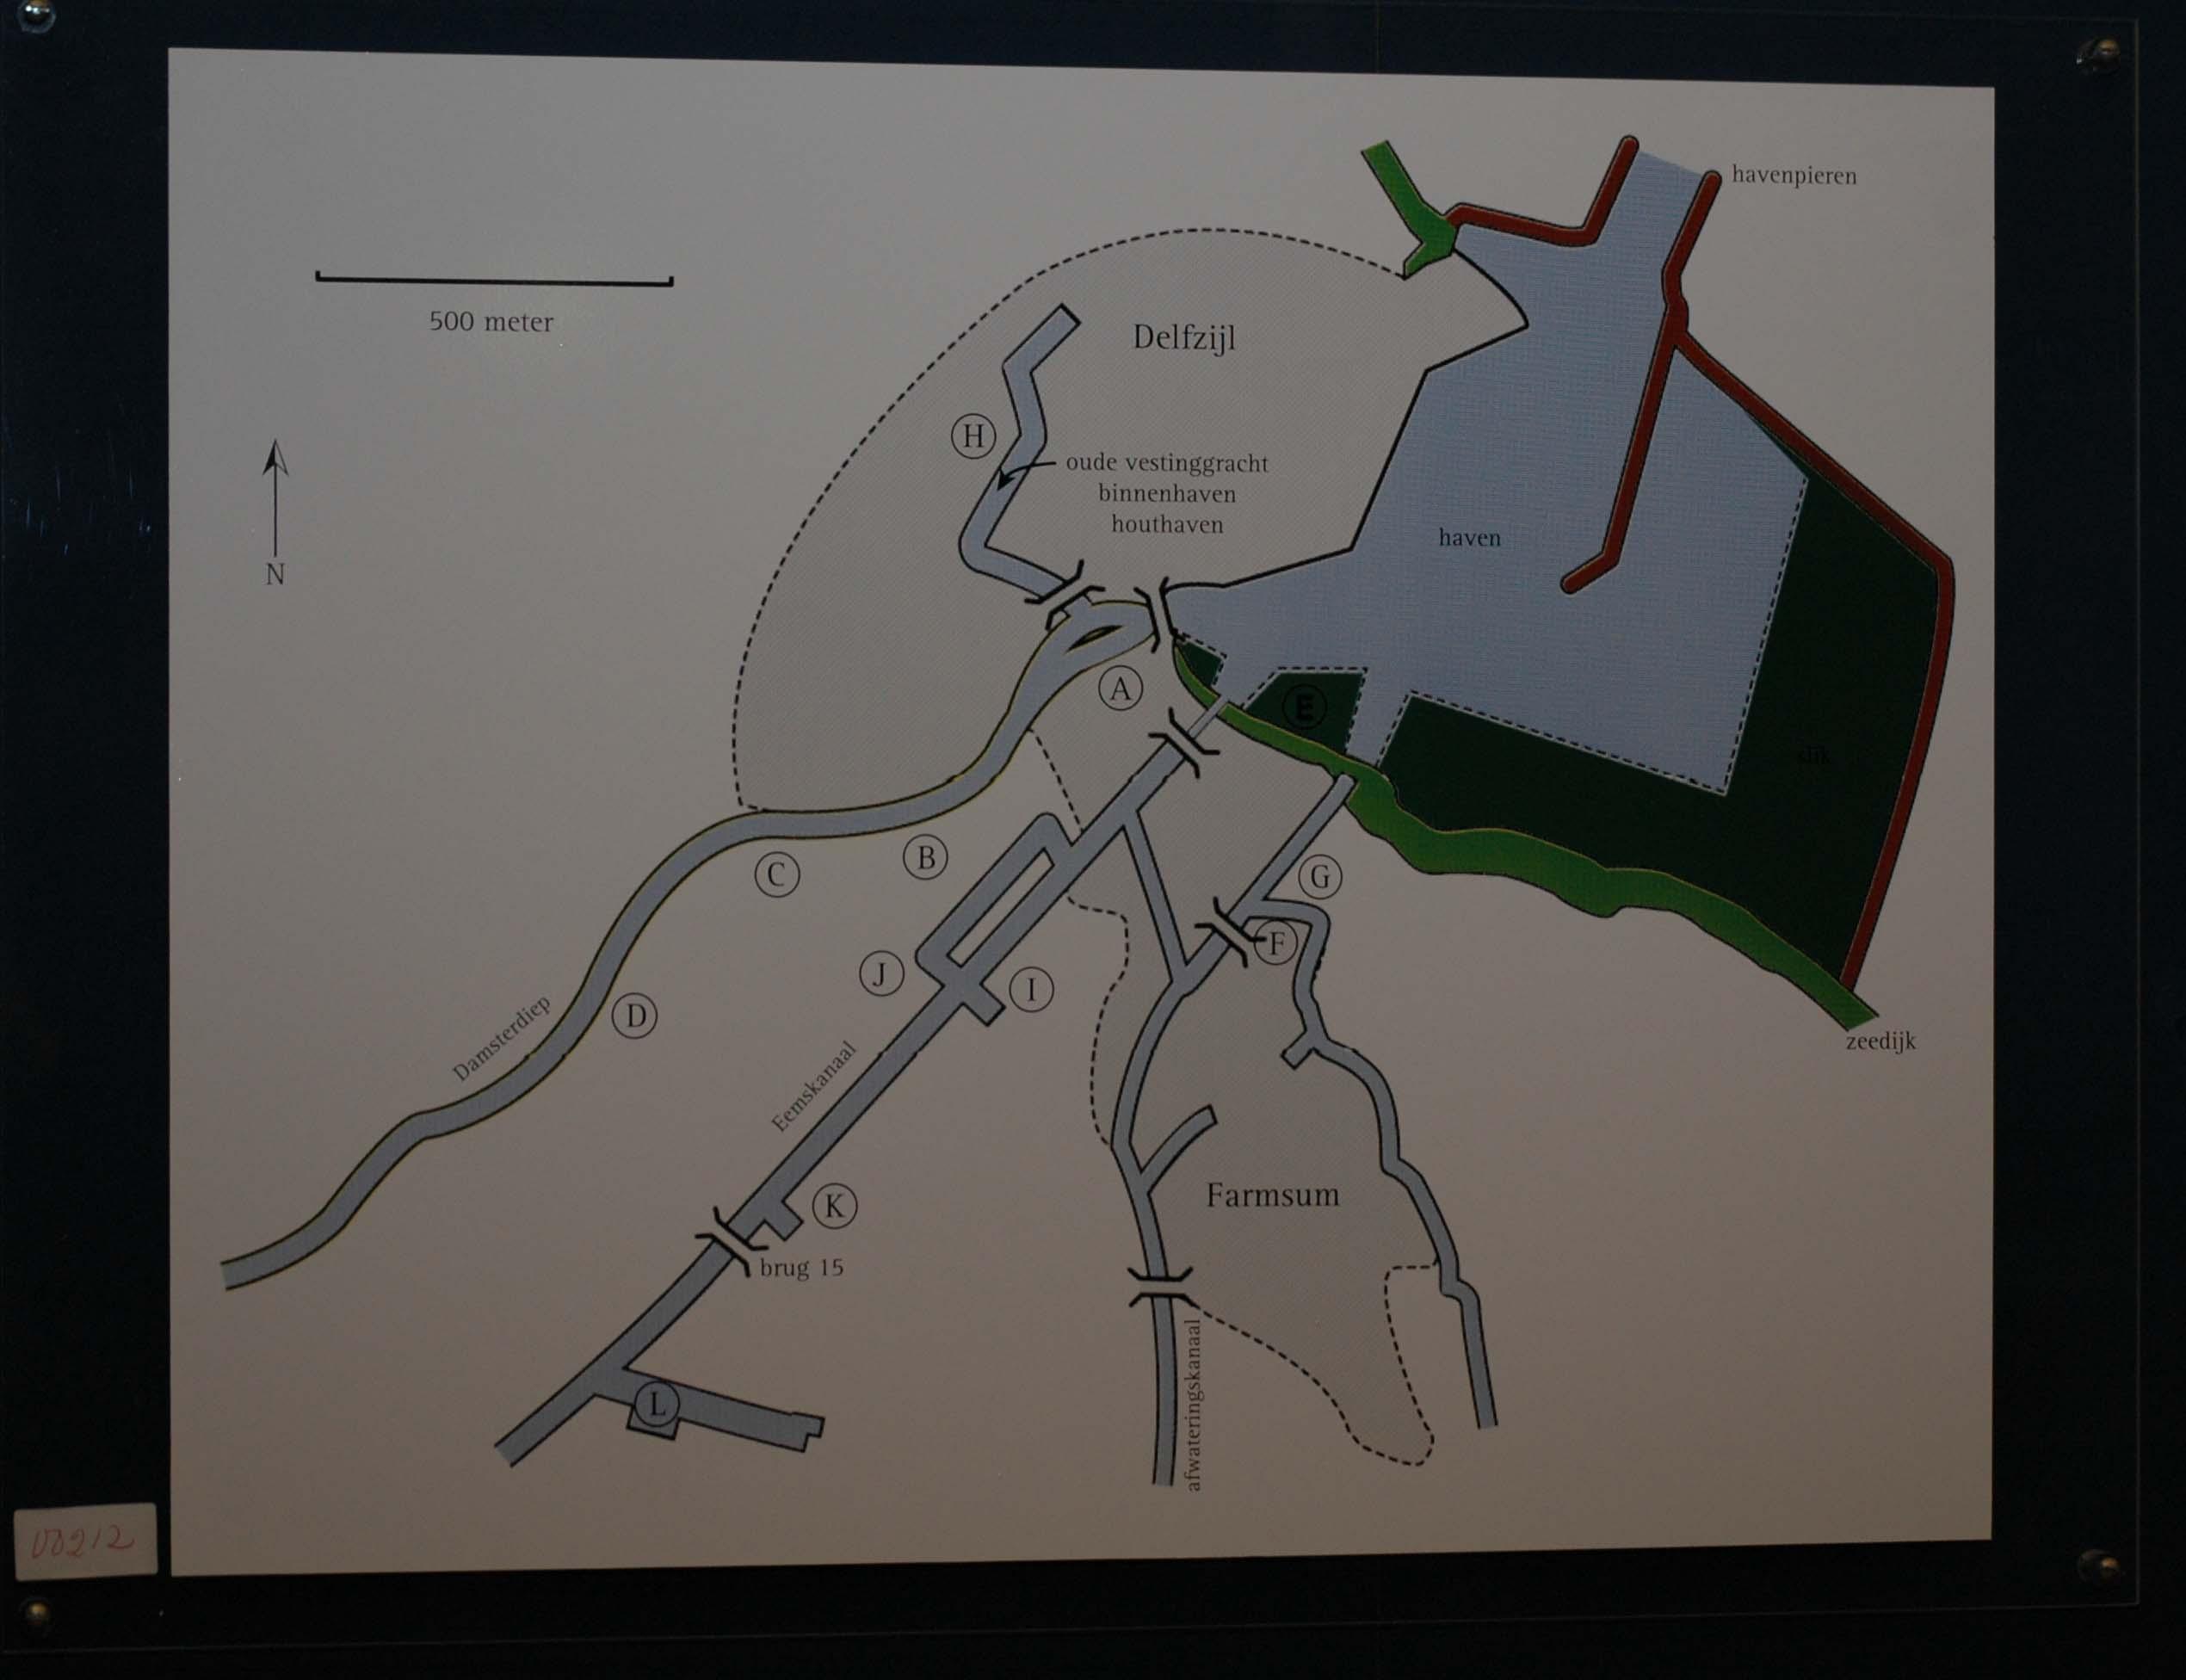 overzicht van de locatie van de werven in Delfzijl